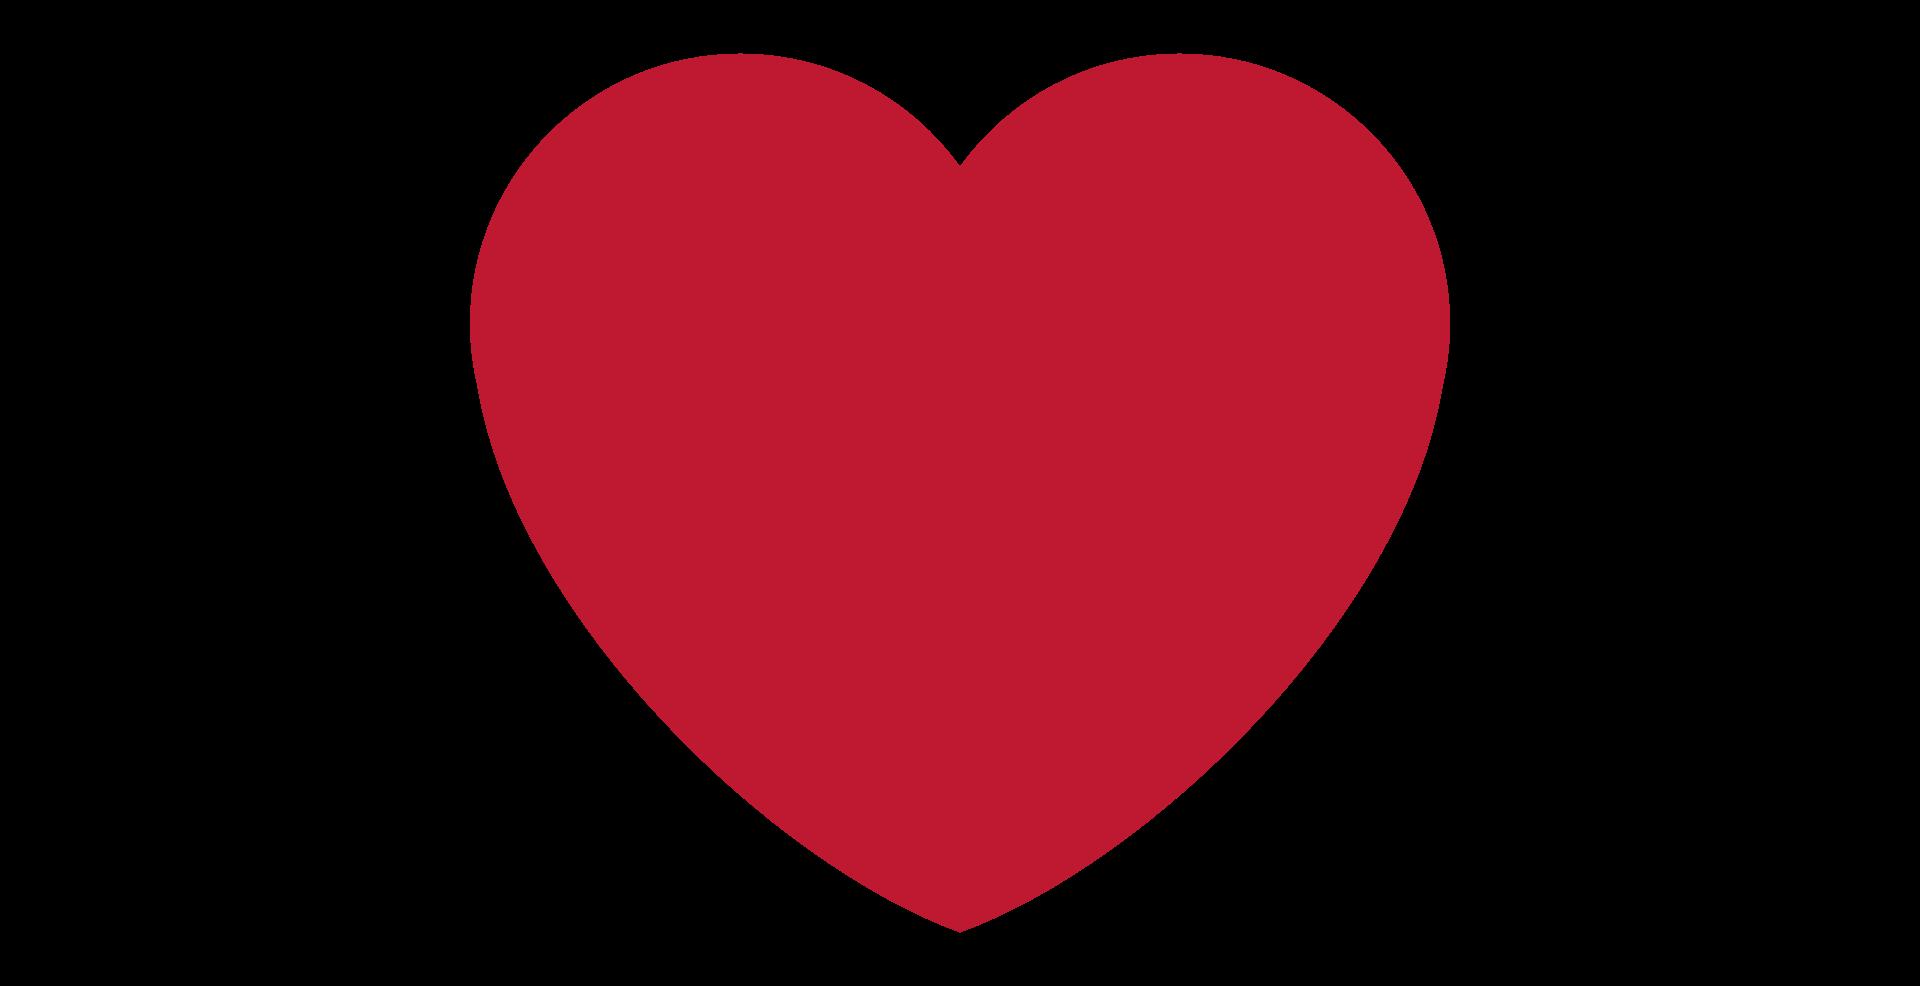 全球最愛使用的Emoji符號是?《表情符號電影》揭露手機表情包裡的符號神秘生活 - LaVie 設計改變世界